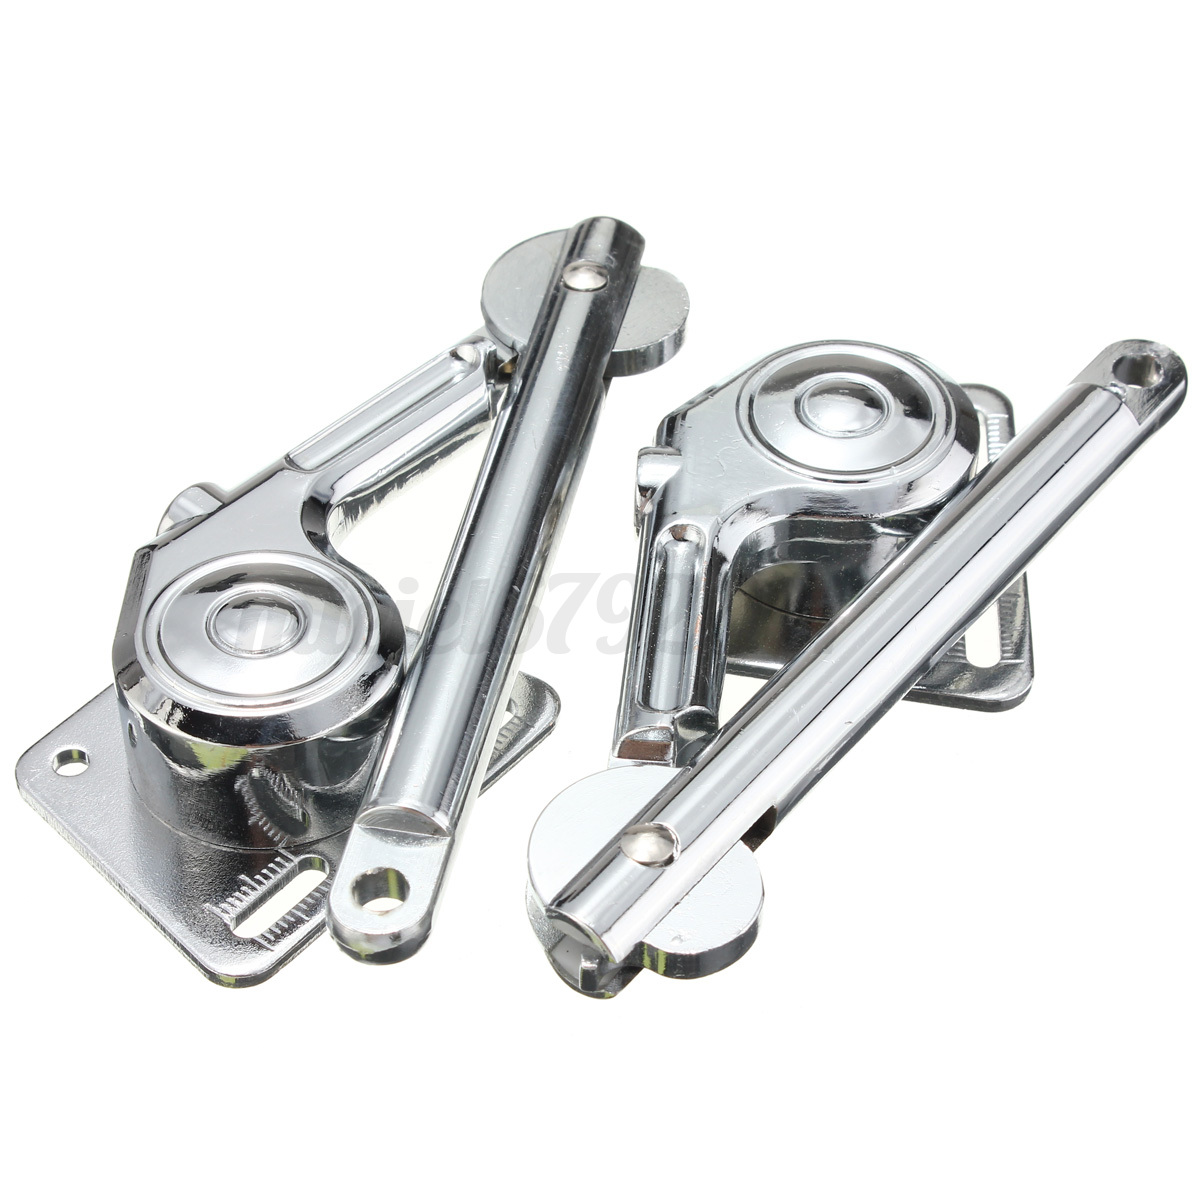 Door Lift Pistons : Lift up lid support door stay piston hinge kitchen